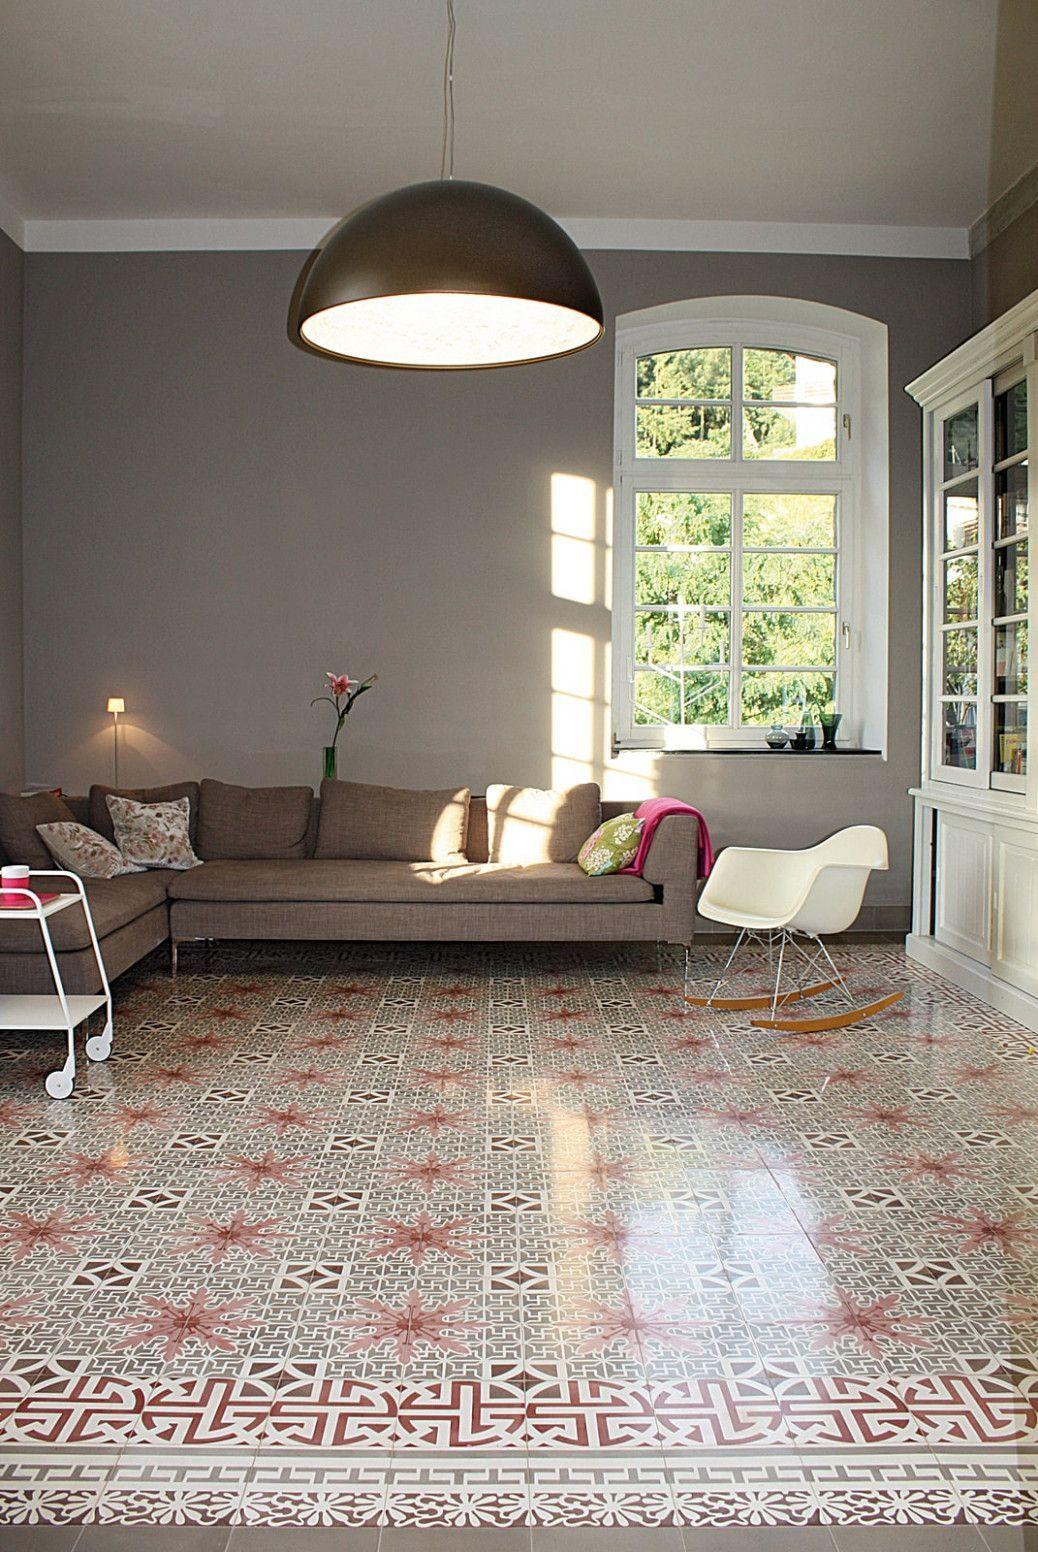 10 Mosaik Fliesen Wohnzimmer - #bodenwohnzimmer #Fliesen #Mosaik